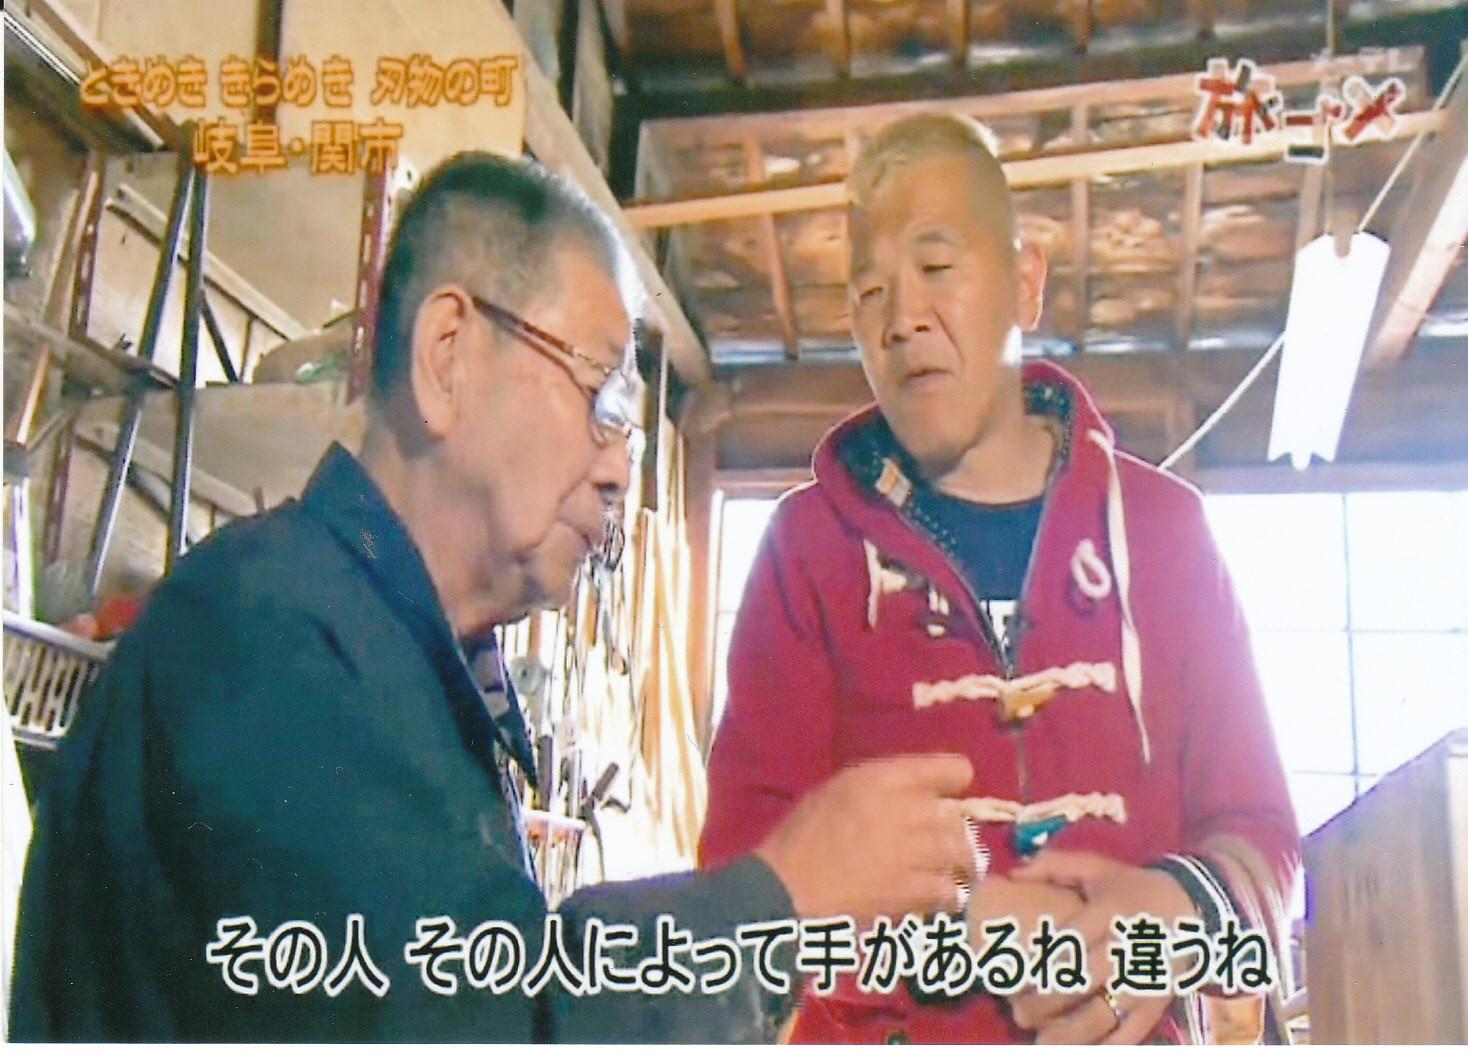 ウドちゃん来店 メ~テレ「ウドちゃんの旅してゴメン」にテレビ出演